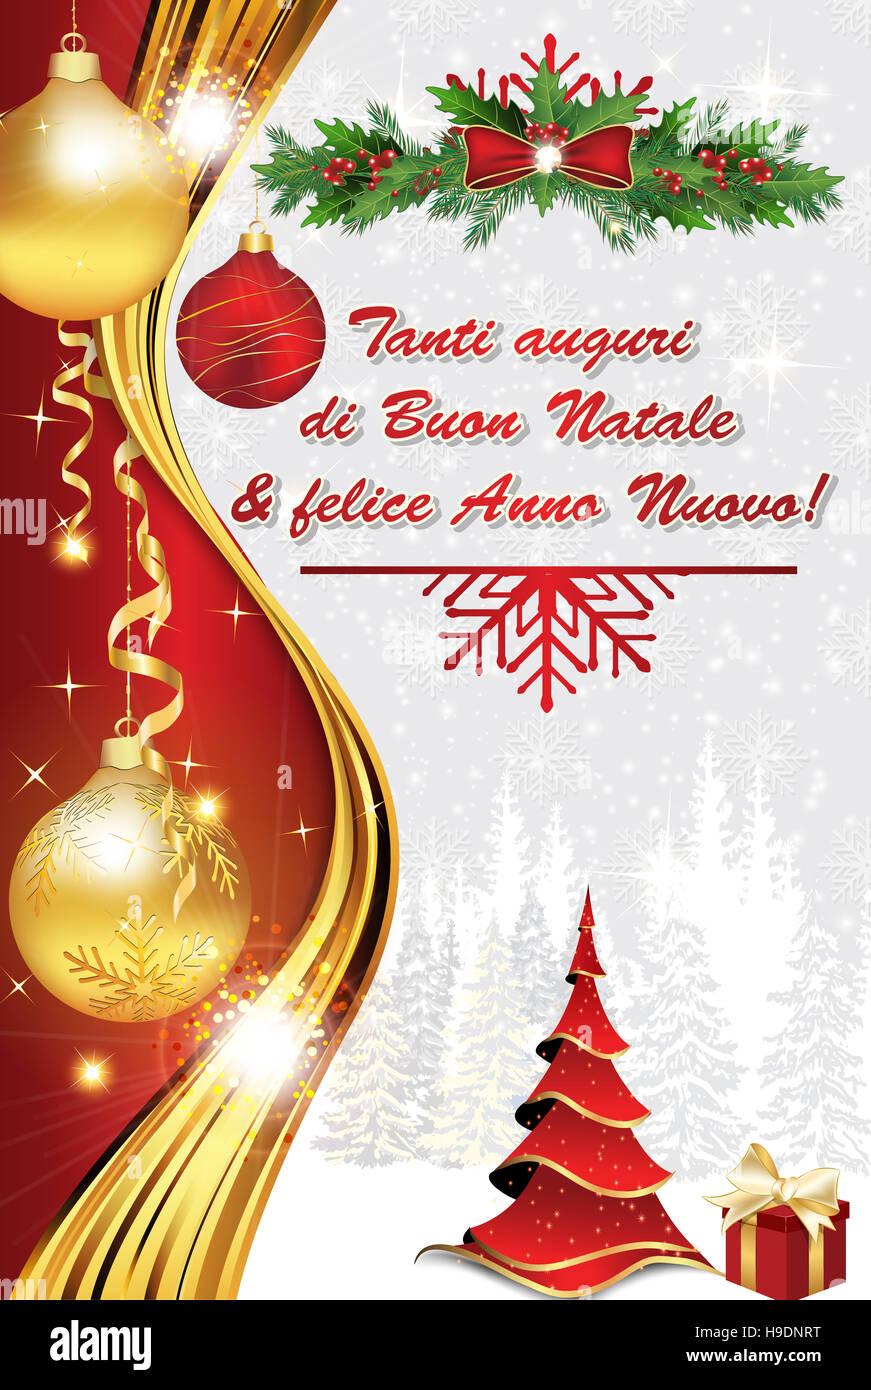 Foto Per Auguri Di Buon Natale.Tanti Auguri Di Buon Natale Felice Anno Nuovo Biglietto D